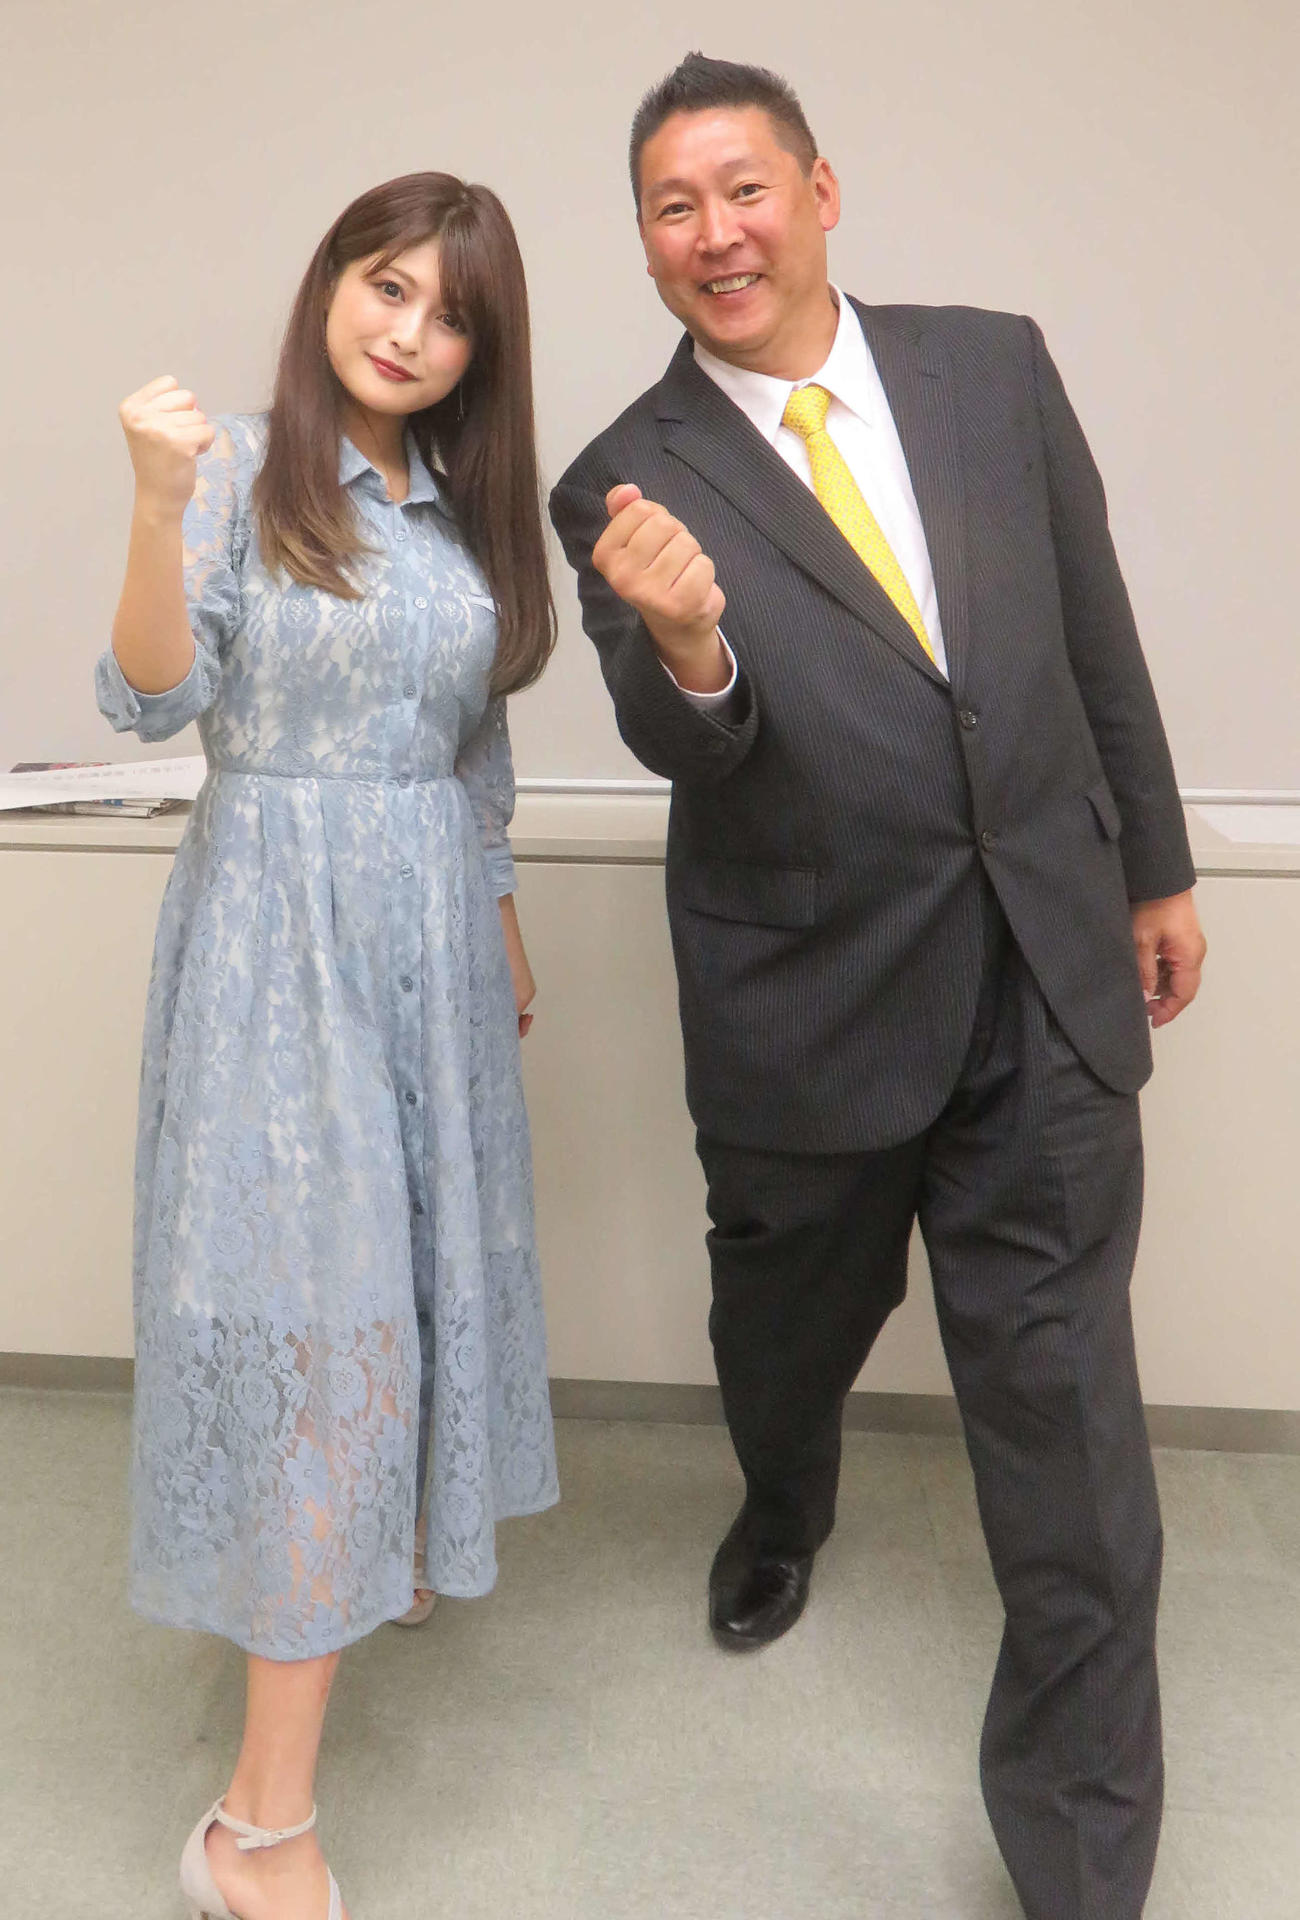 東京都議会北区補選に出馬表明した新藤加菜氏(左)は公認するホリエモン新党代表の立花孝志氏と「NHKをぶっ壊す」ポーズ